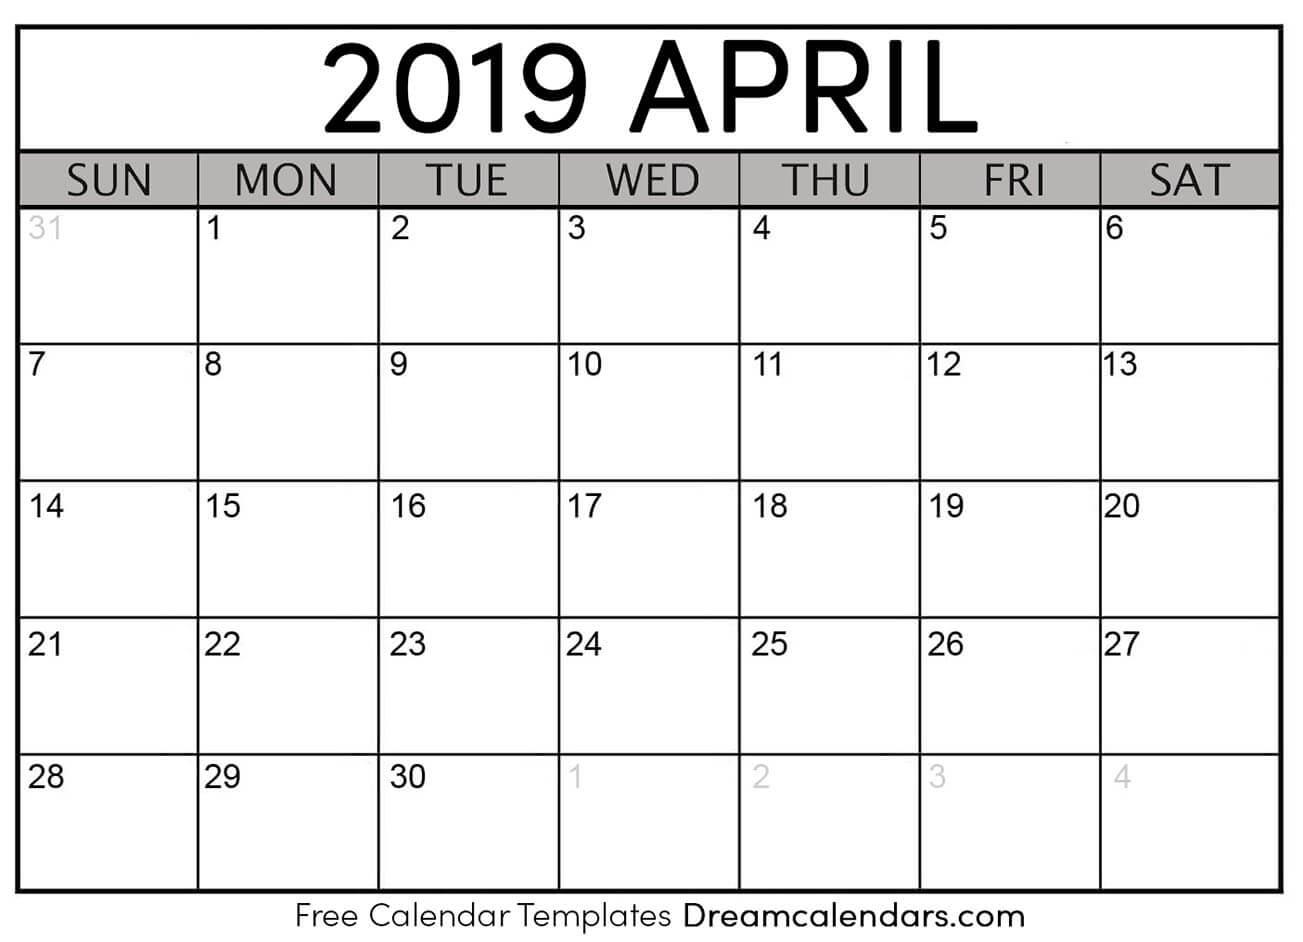 Dream Calendars - Make Your Calendar Template Blog: February